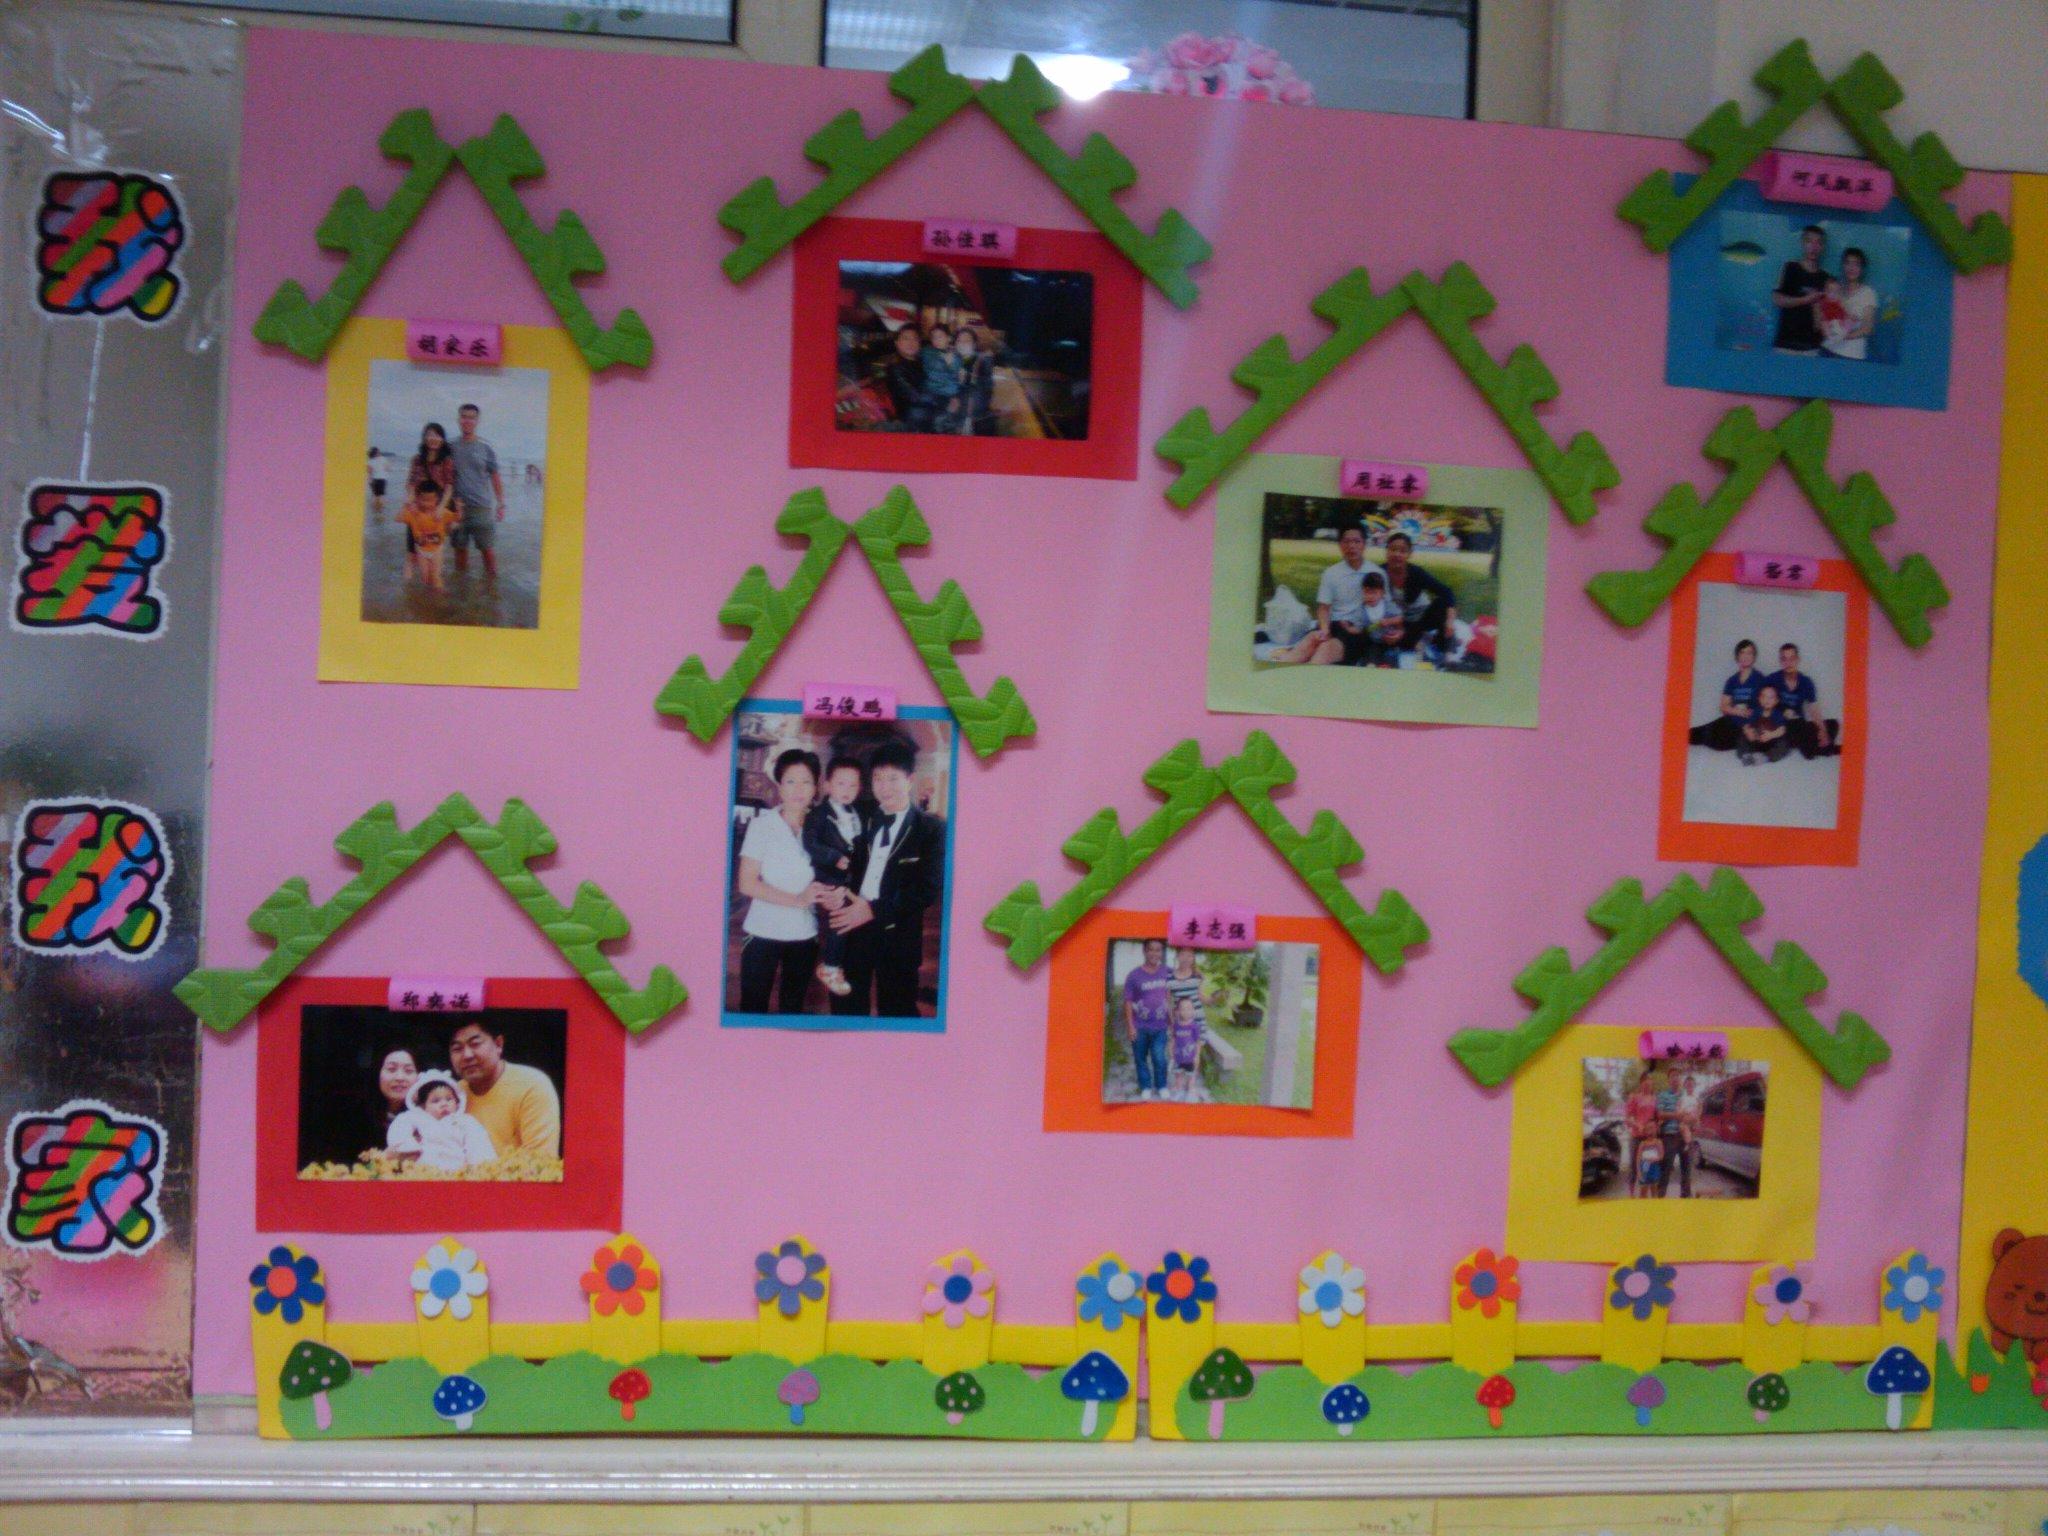 园所主页 大一班 班级相册  看!我们的教室漂亮吗?